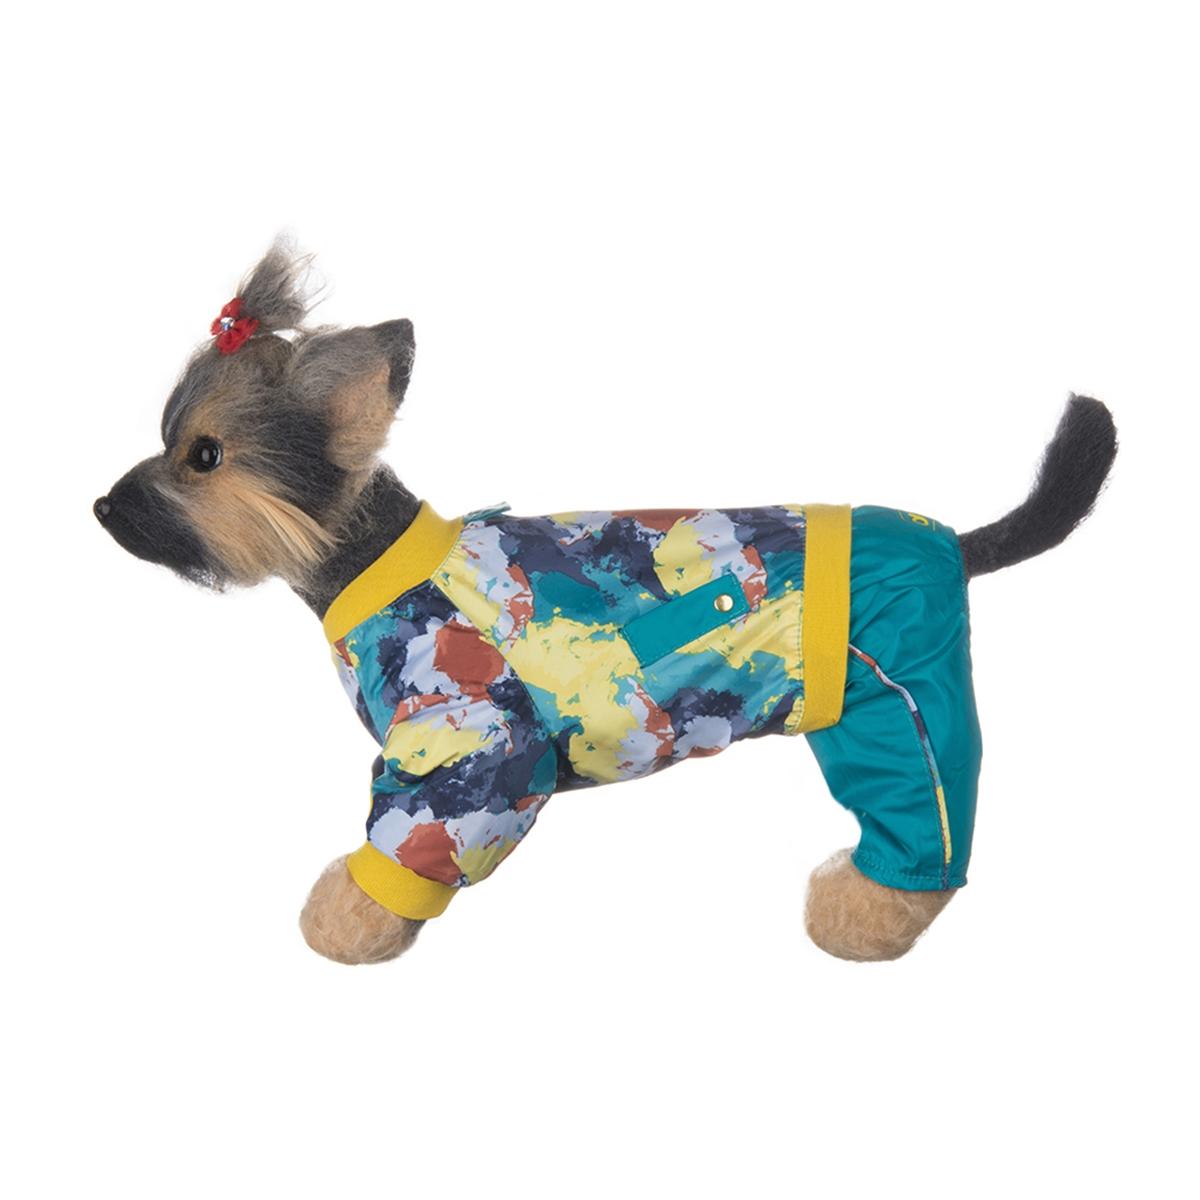 Комбинезон для собак Dogmoda Акварель, для мальчика, цвет: морской волны, желтый. Размер 4 (XL)0120710Комбинезон для собак Dogmoda Акварель отлично подойдет для прогулок поздней осенью или ранней весной.Комбинезон изготовлен из полиэстера, защищающего от ветра и осадков, с подкладкой из флиса, которая сохранит тепло и обеспечит отличный воздухообмен. Комбинезон застегивается на кнопки, благодаря чему его легко надевать и снимать. Ворот, низ рукавов оснащены широкими трикотажными манжетами, которые мягко обхватывают шею и лапки, не позволяя просачиваться холодному воздуху. На пояснице комбинезон декорирован трикотажной резинкой.Благодаря такому комбинезону простуда не грозит вашему питомцу и он не даст любимцу продрогнуть на прогулке.